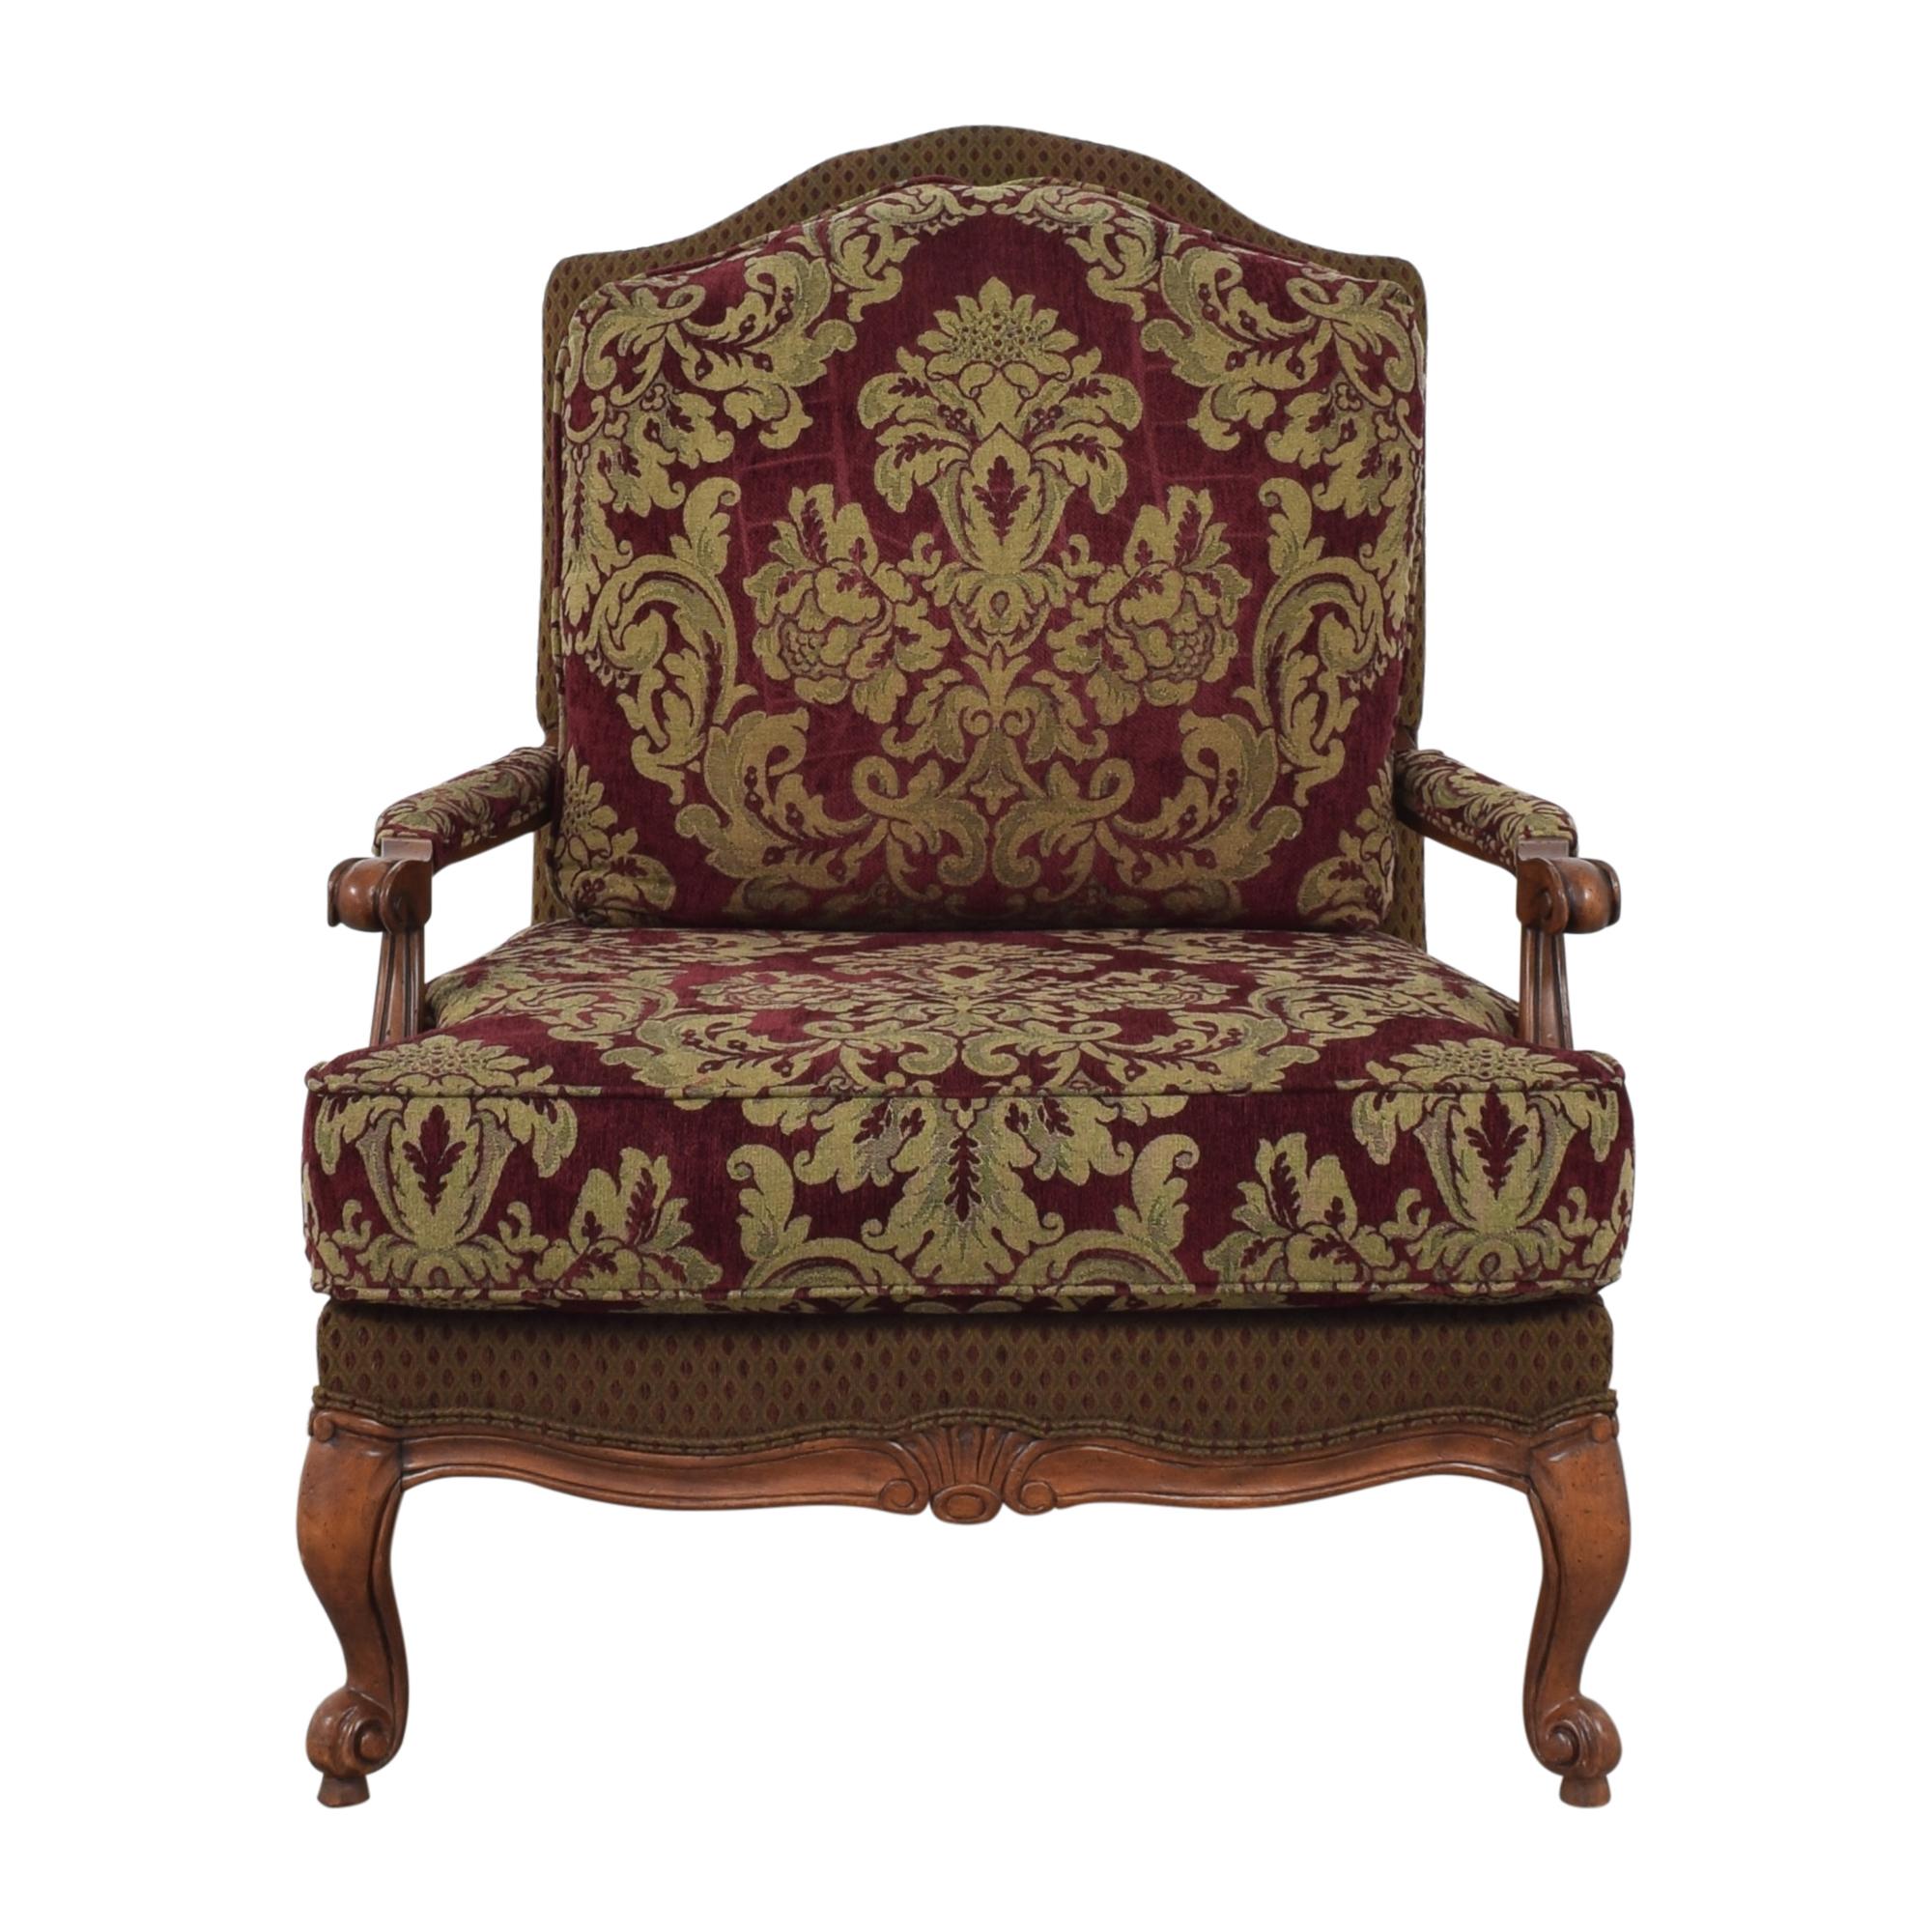 shop Ethan Allen Bergere Accent Chair Ethan Allen Chairs